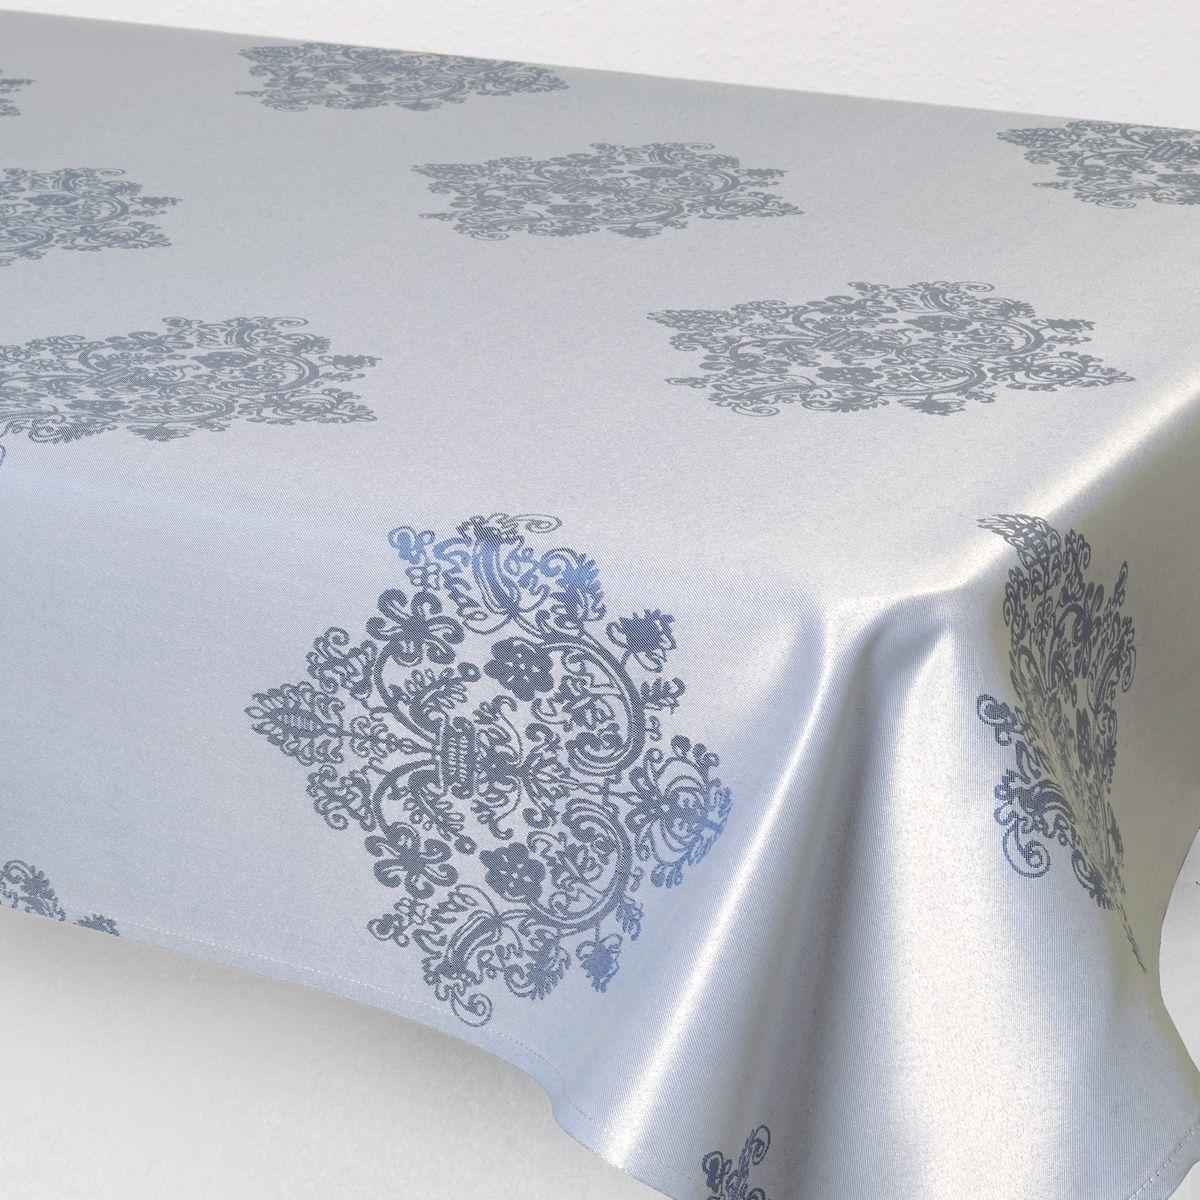 Скатерть Schaefer, прямоугольная, цвет: серый, 130 х 160 см. 07811-4275217Стильная скатерть Schaefer выполнена из полиэстера.Изделия из полиэстера легко стирать: они не мнутся, не садятся и быстро сохнут, они более долговечны, чем изделия из натуральных волокон.Немецкая компания Schaefer создана в 1921 году. На протяжении всего времени существования она создает уникальные коллекции домашнего текстиля для гостиных, спален, кухонь и ванных комнат. Дизайнерские идеи немецких художников компании Schaefer воплощаются в текстильных изделиях, которые сделают ваш дом красивее и уютнее и не останутся незамеченными вашими гостями. Дарите себе и близким красоту каждый день!